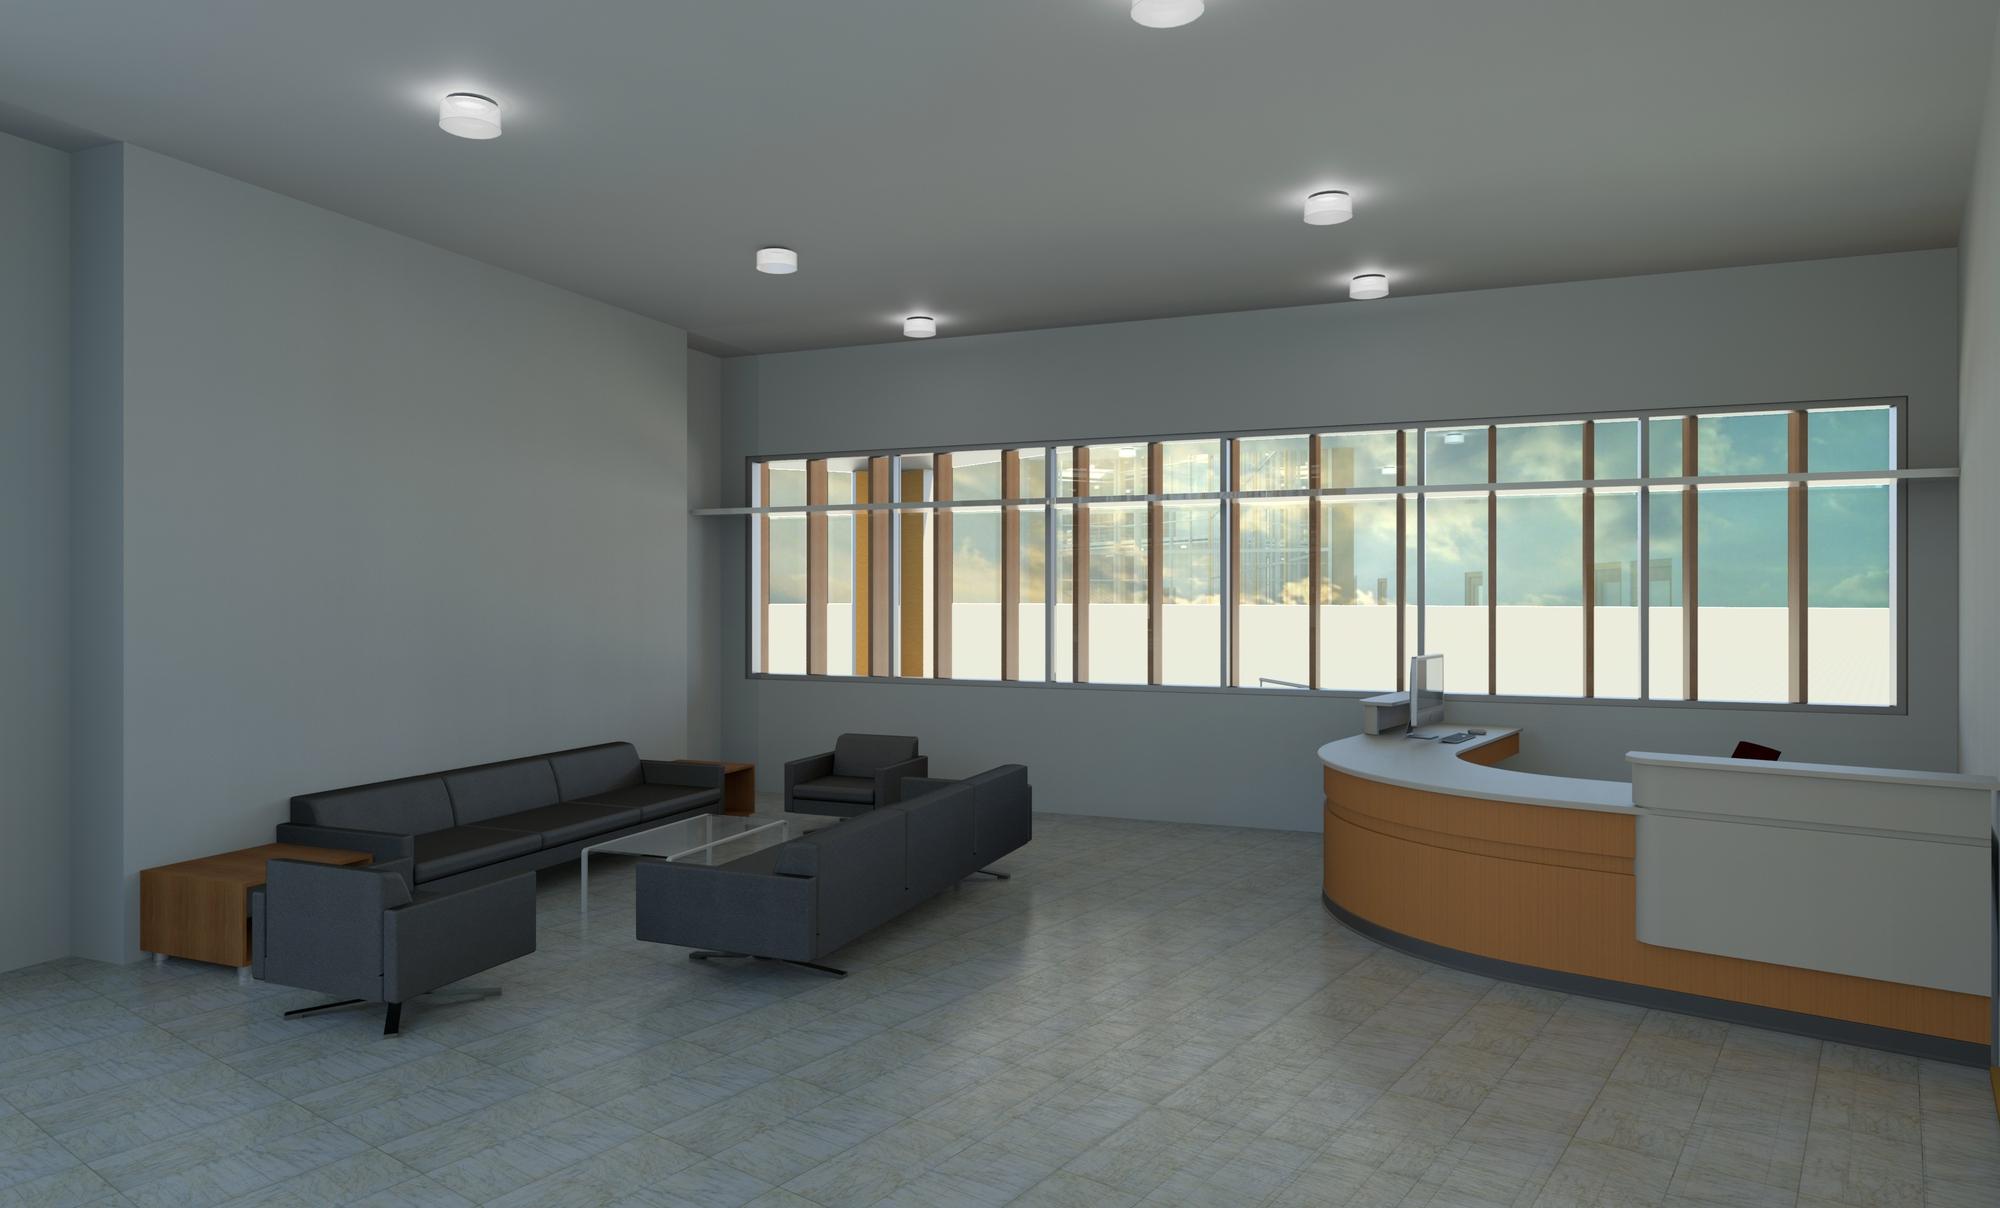 Raas-rendering20141023-634-ocx738